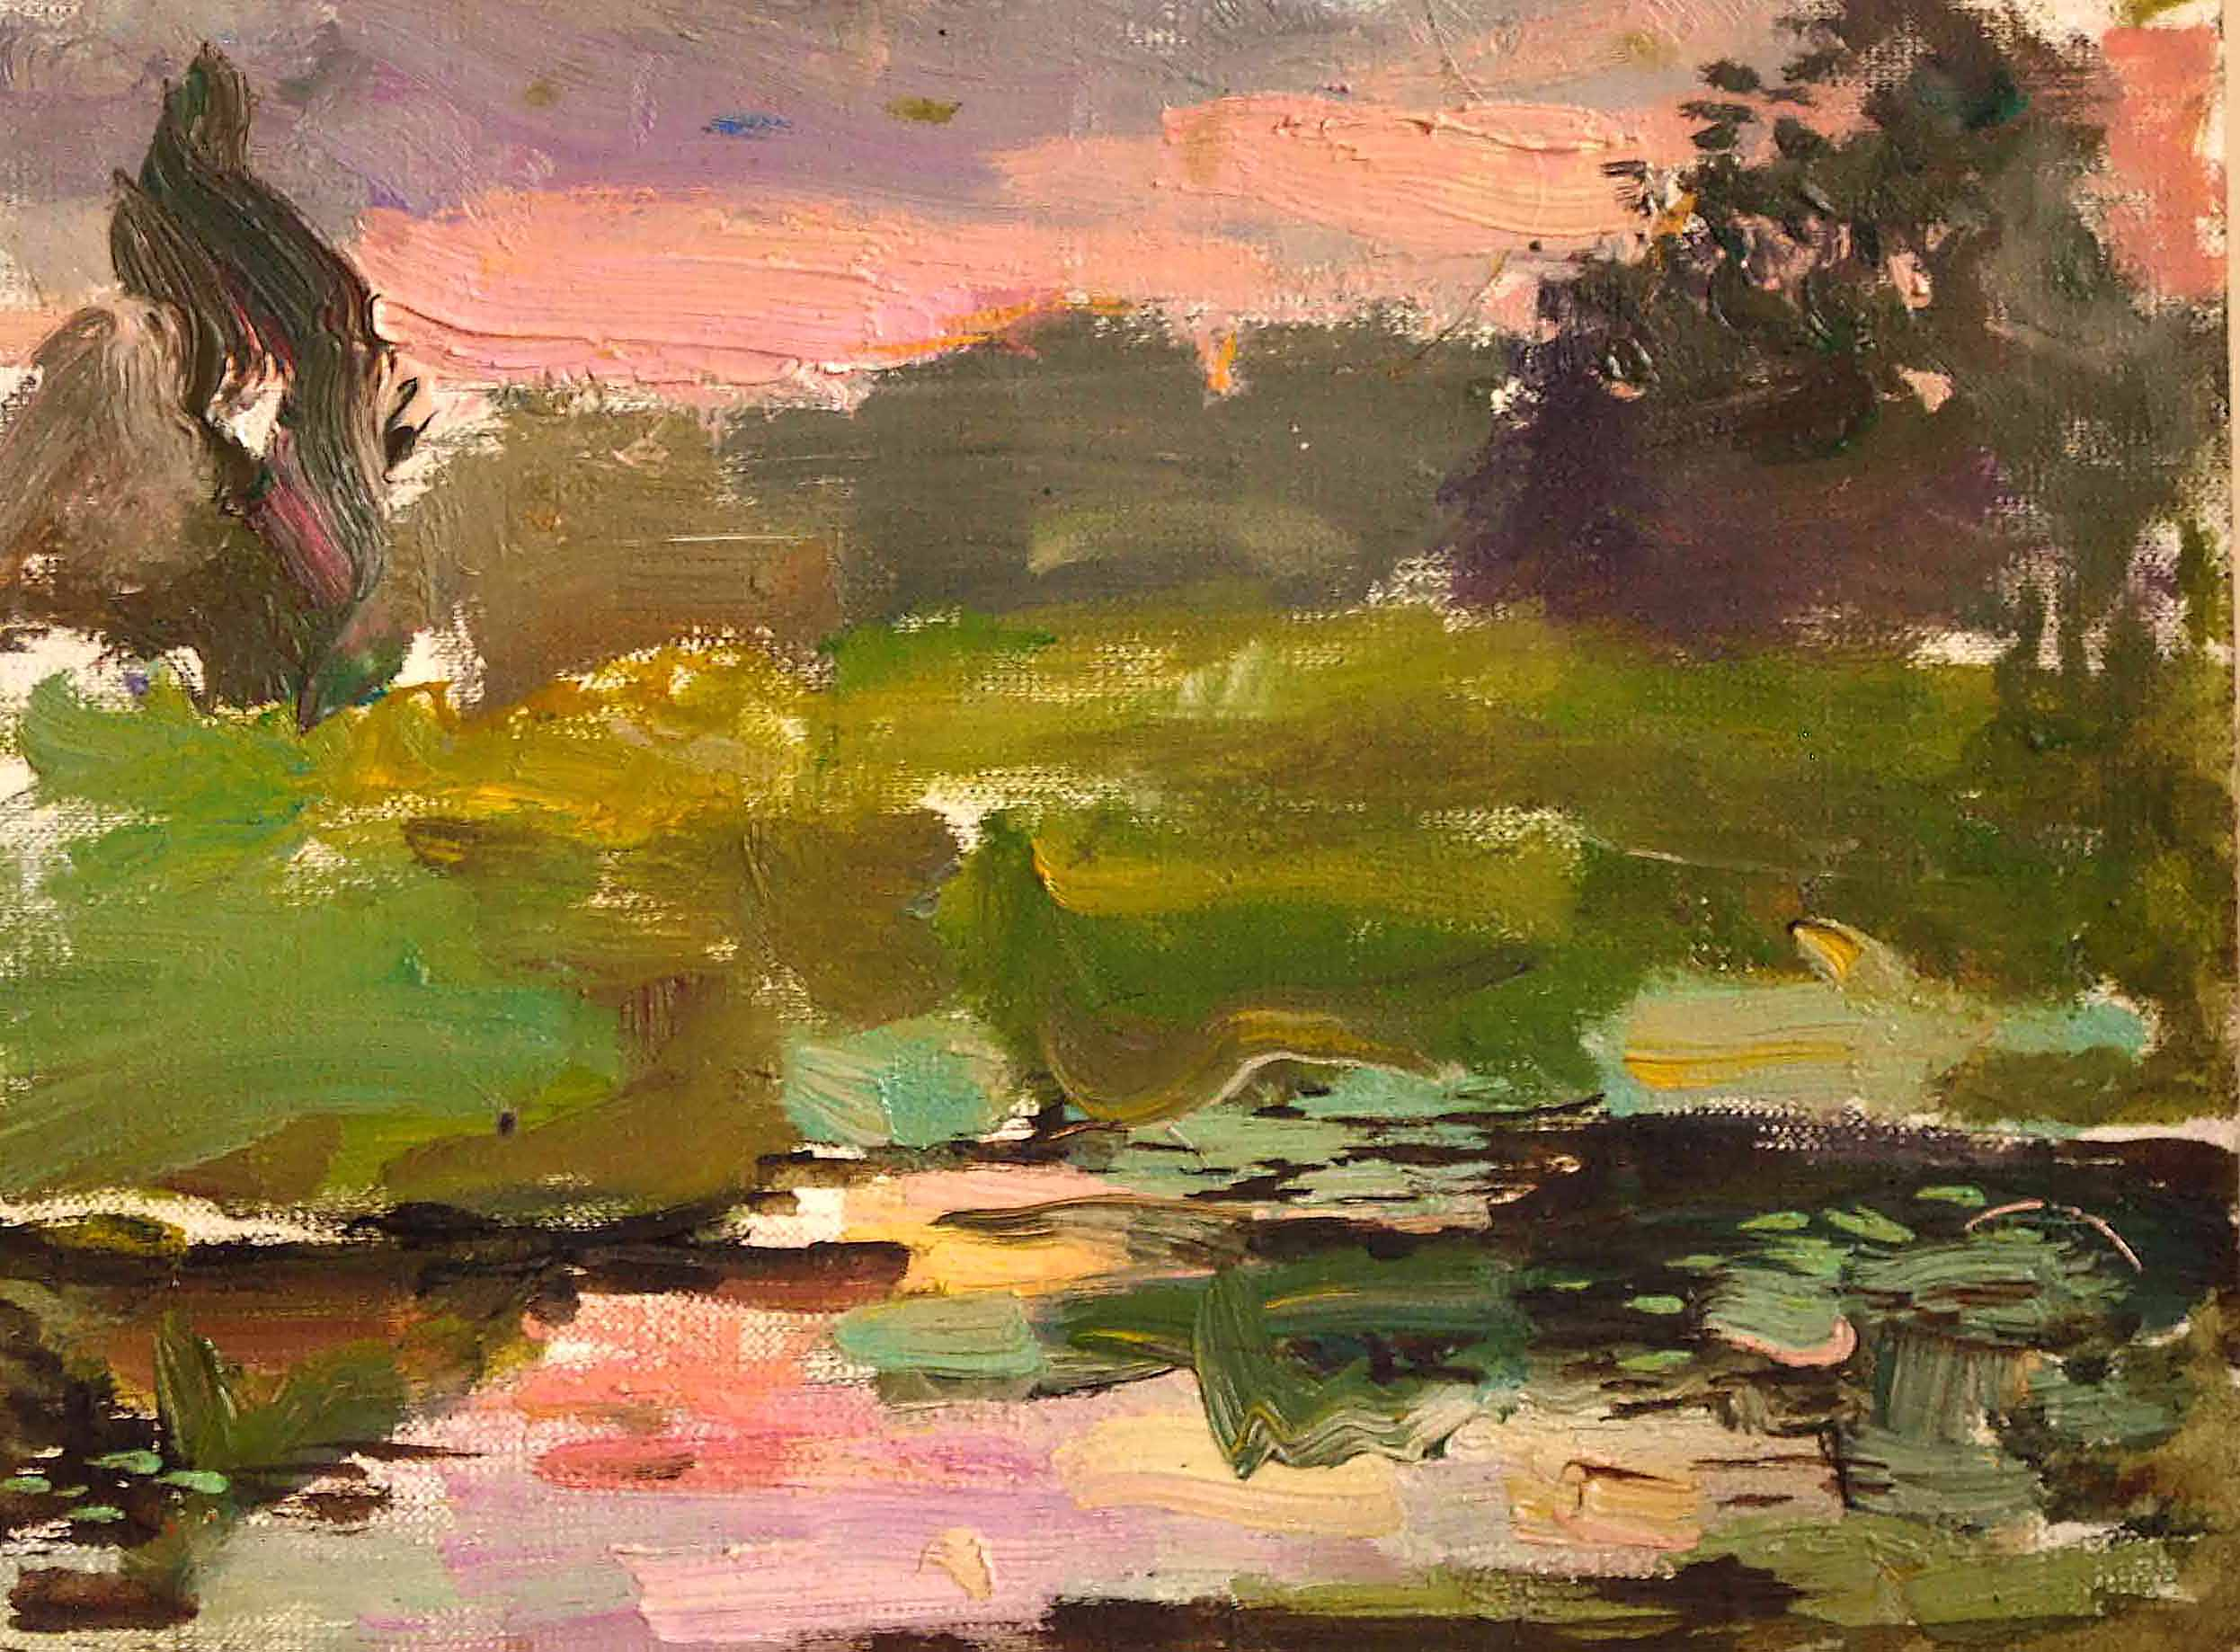 Sunset on marsh